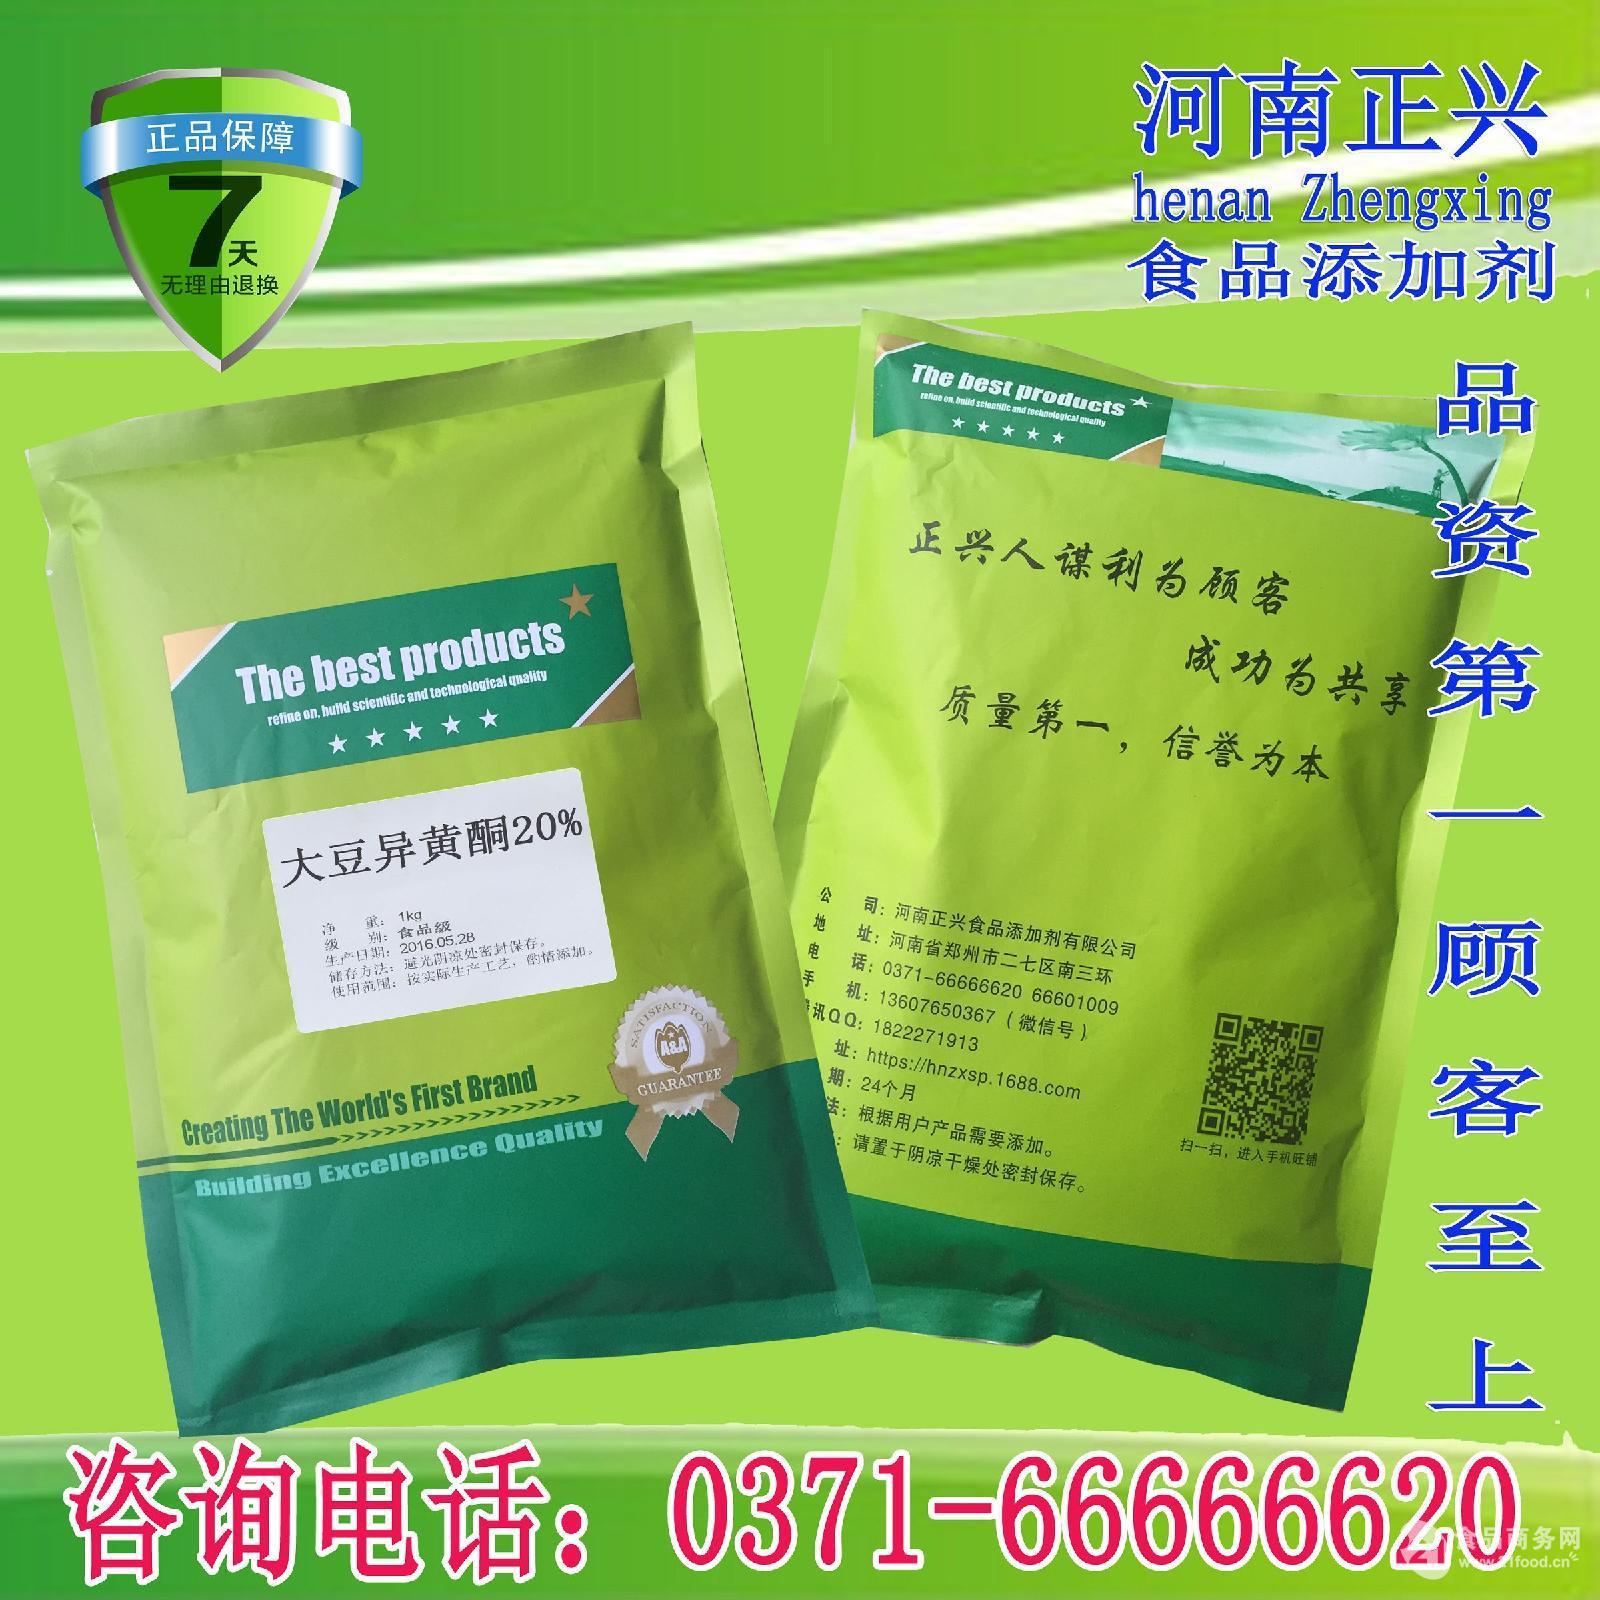 厂家直销大豆异黄酮 [20% 40% 80%] 纯天然